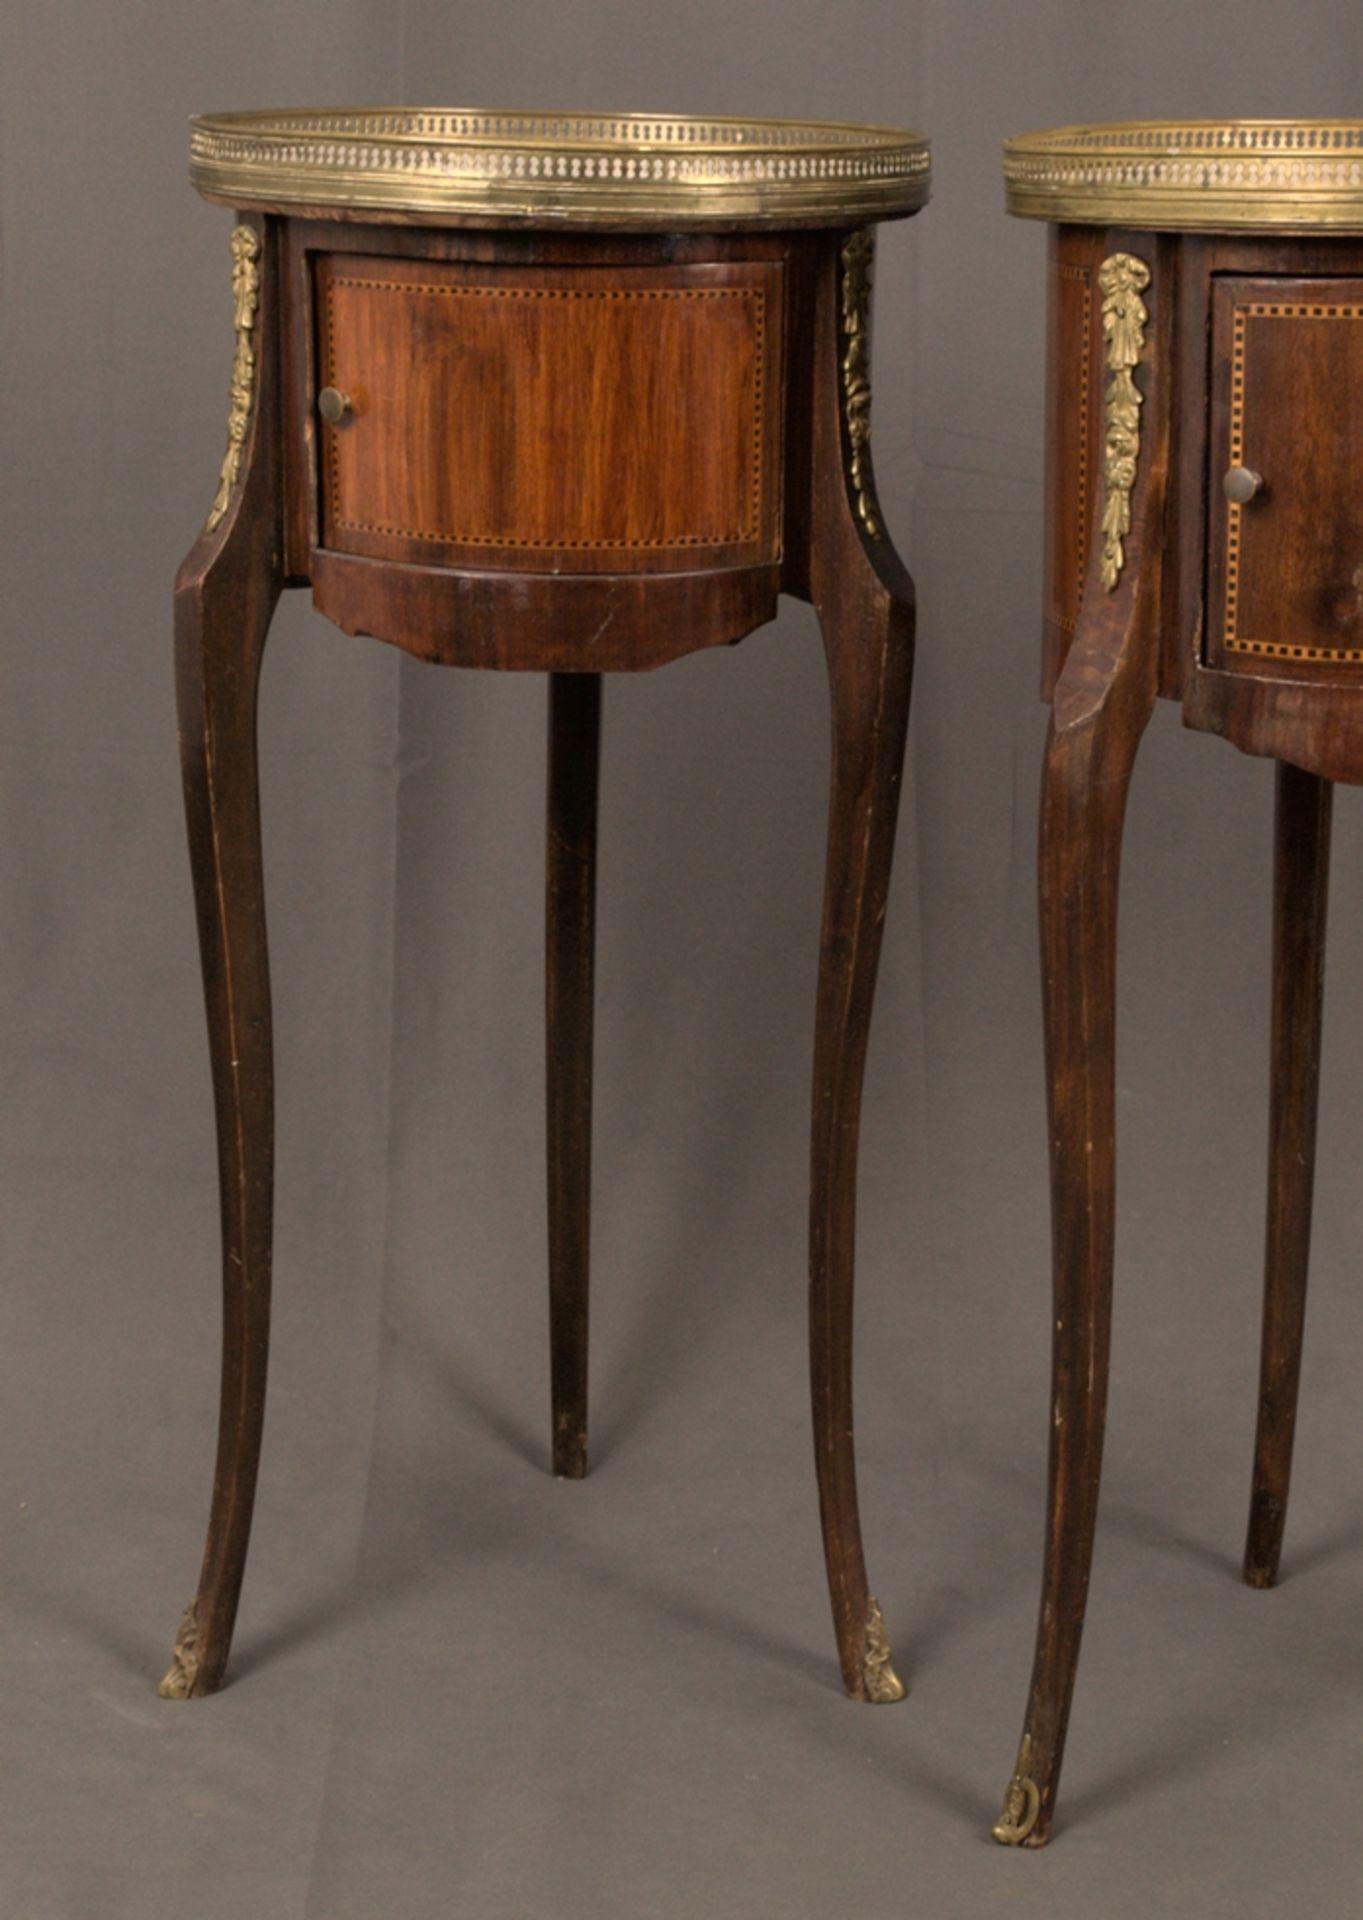 Paar eleganter, dreibeiniger Beistelltische sog. Gueridons, Frankreich 19./20. Jhd. Eintüriger - Bild 2 aus 19